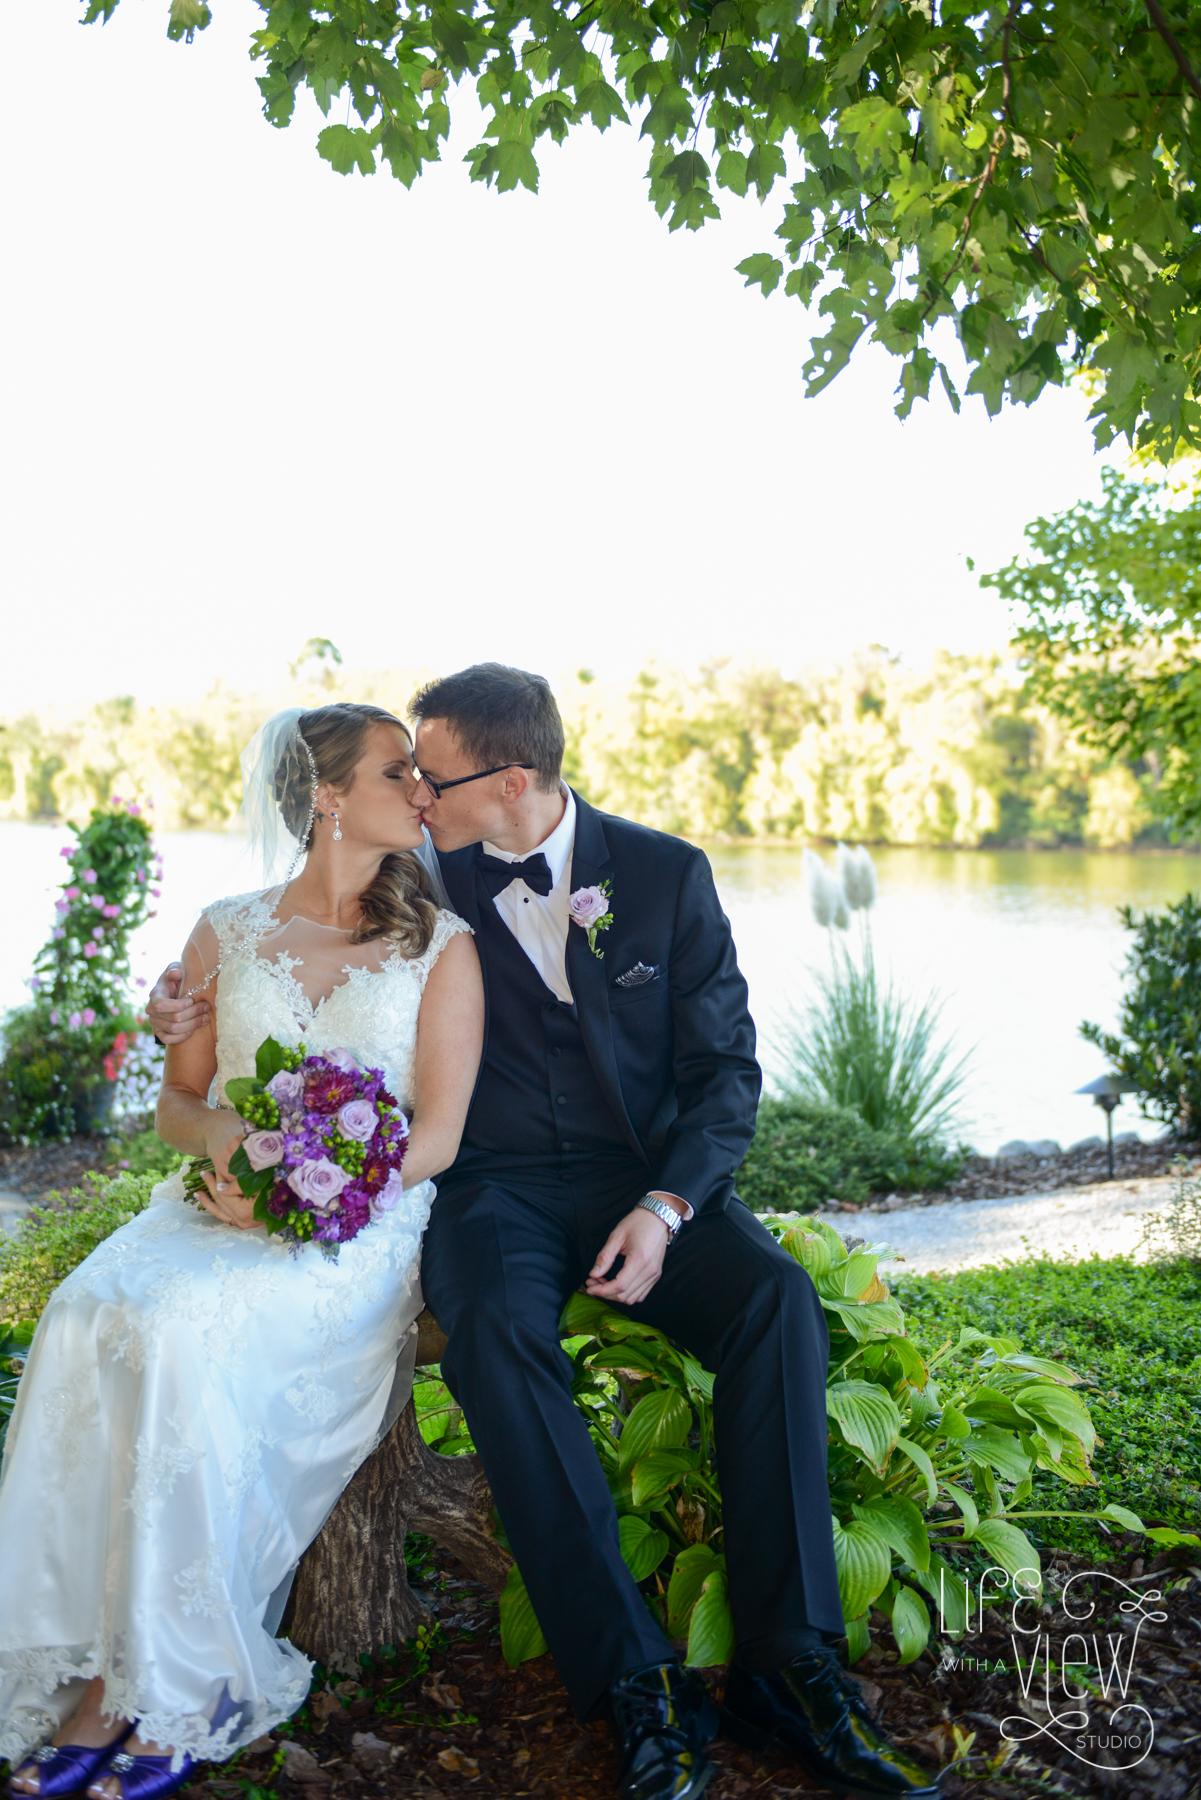 Manker-Patten-Wedding-35.jpg